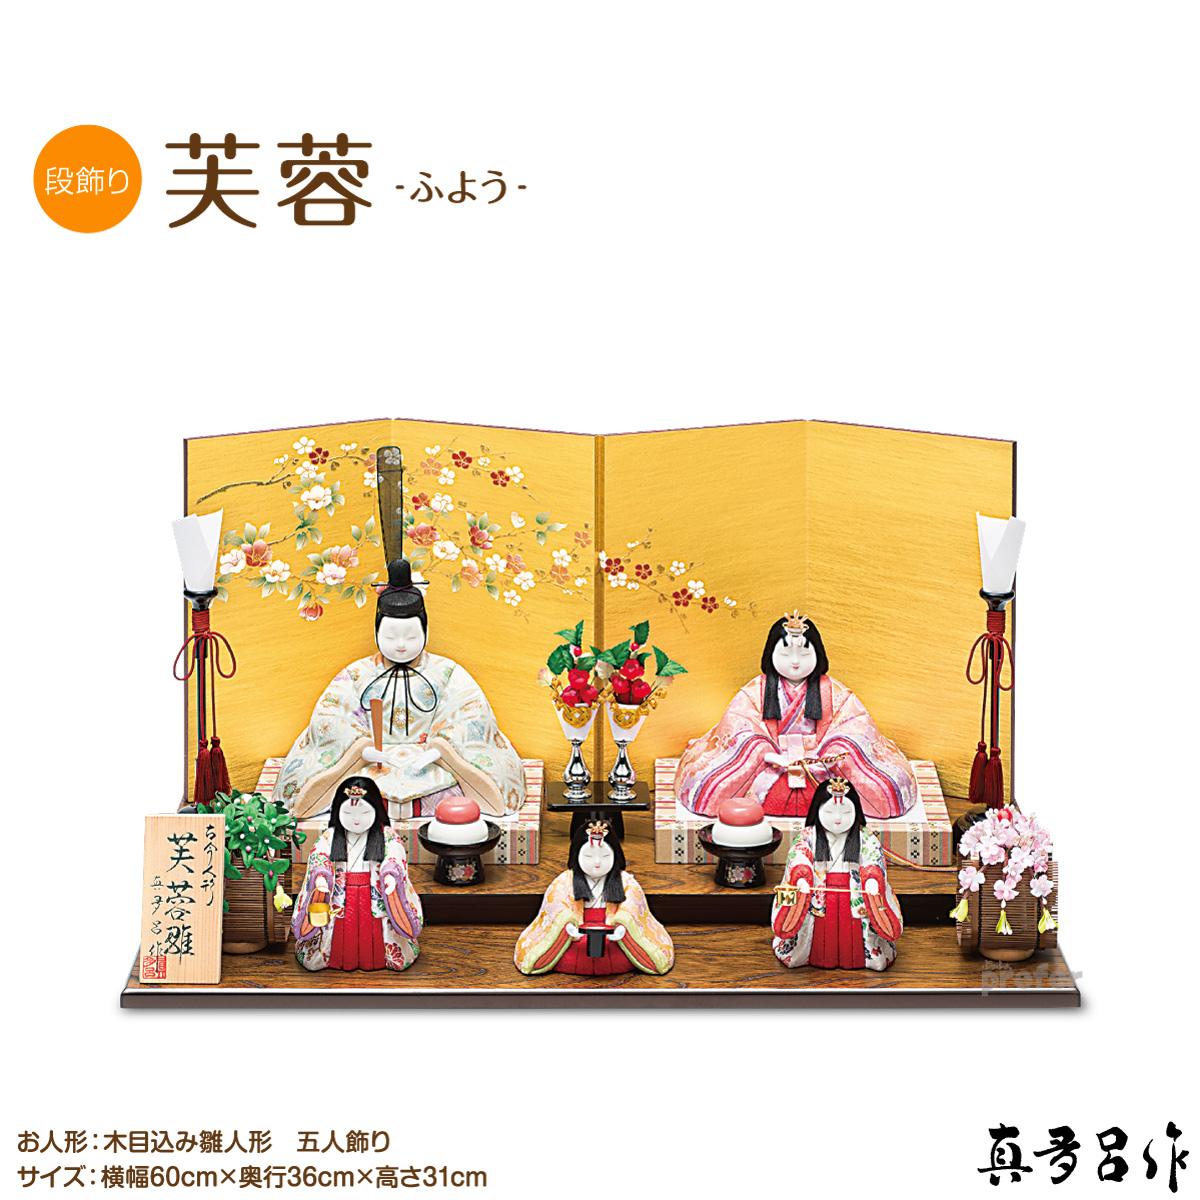 雛人形 木目込み 真多呂作芙蓉(ふよう) 官女付 おひなさま 特選